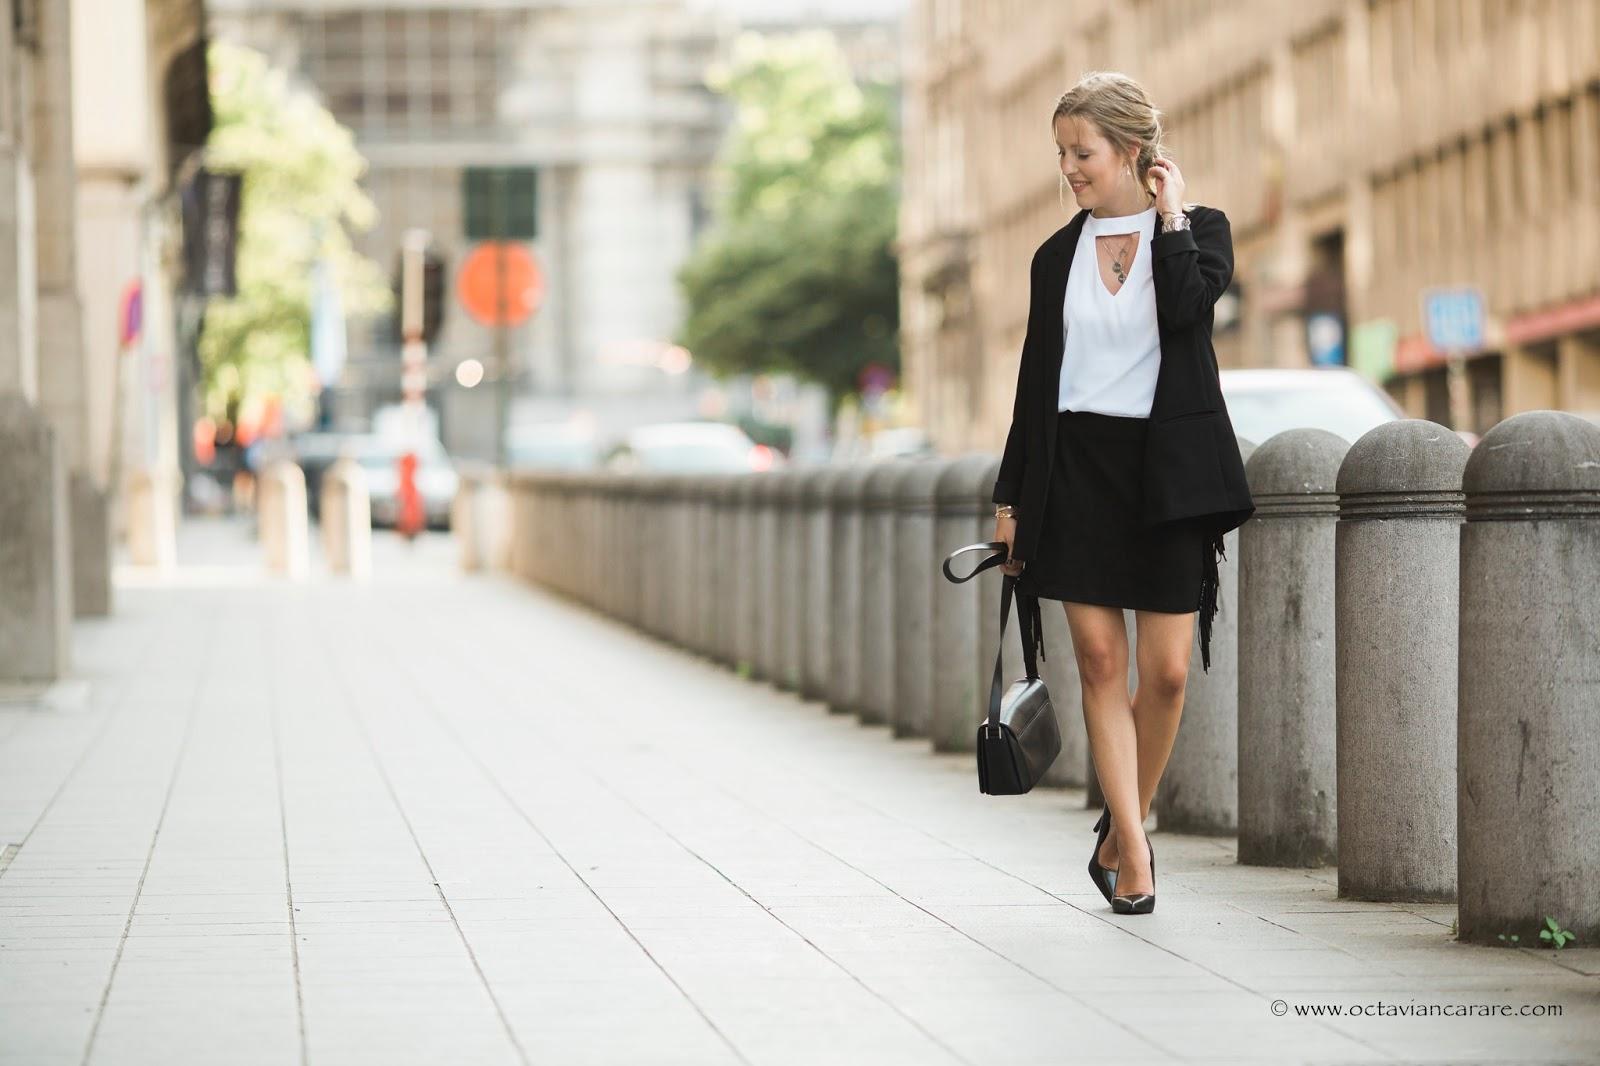 gala outfit comment s 39 habiller pour une soir e professionnelle british stylish. Black Bedroom Furniture Sets. Home Design Ideas